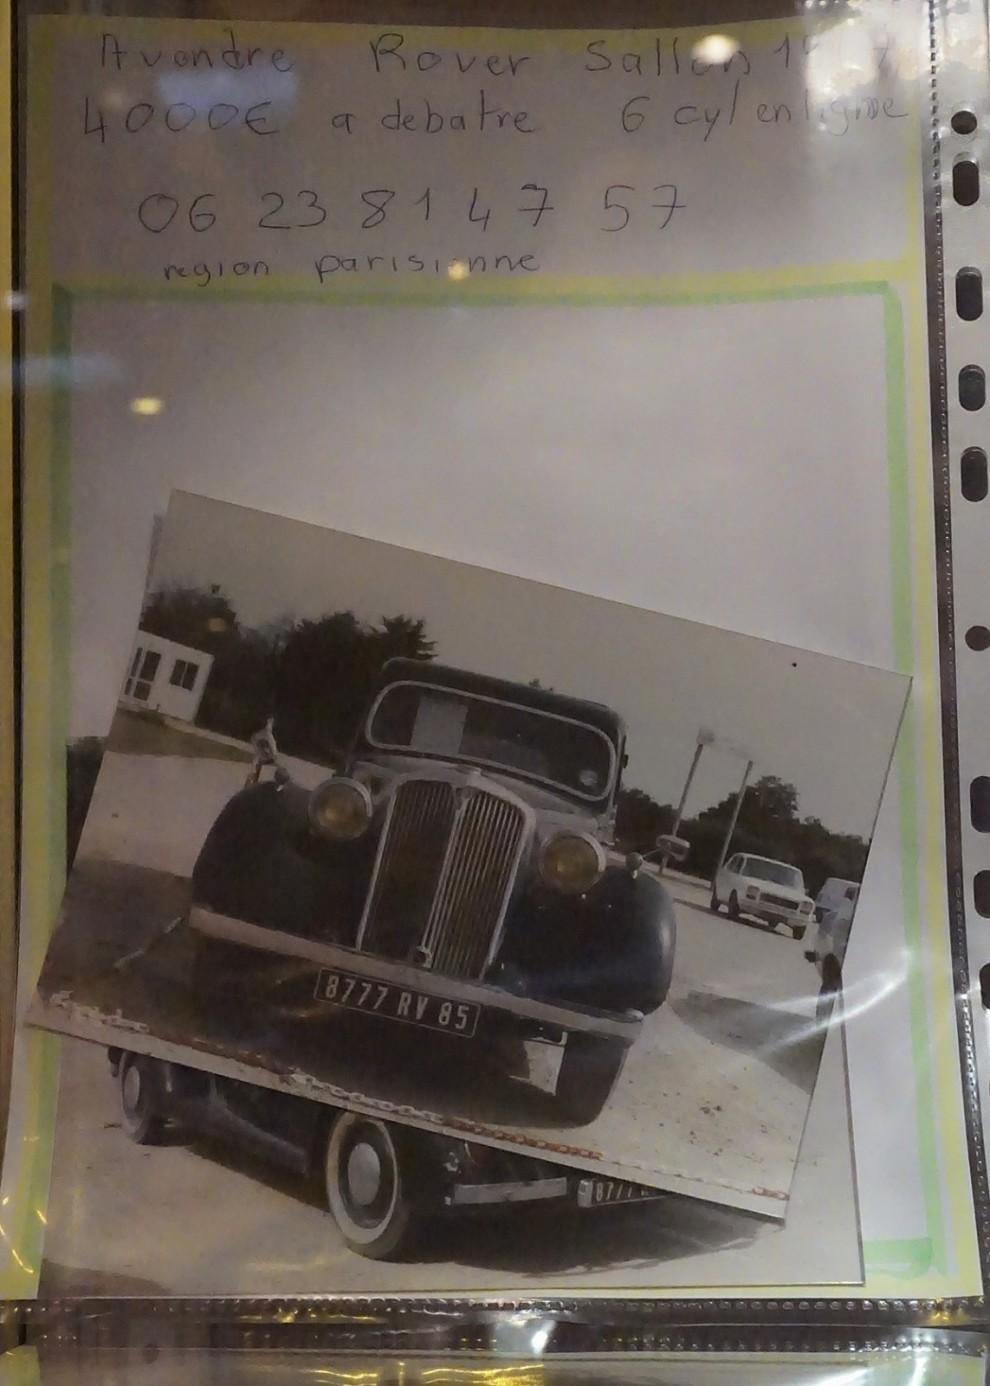 Slutligen ett tips till vänner av Rover - en 6-cylindrig P2 1947 till salu i Paris för prutbara 4000 euro!